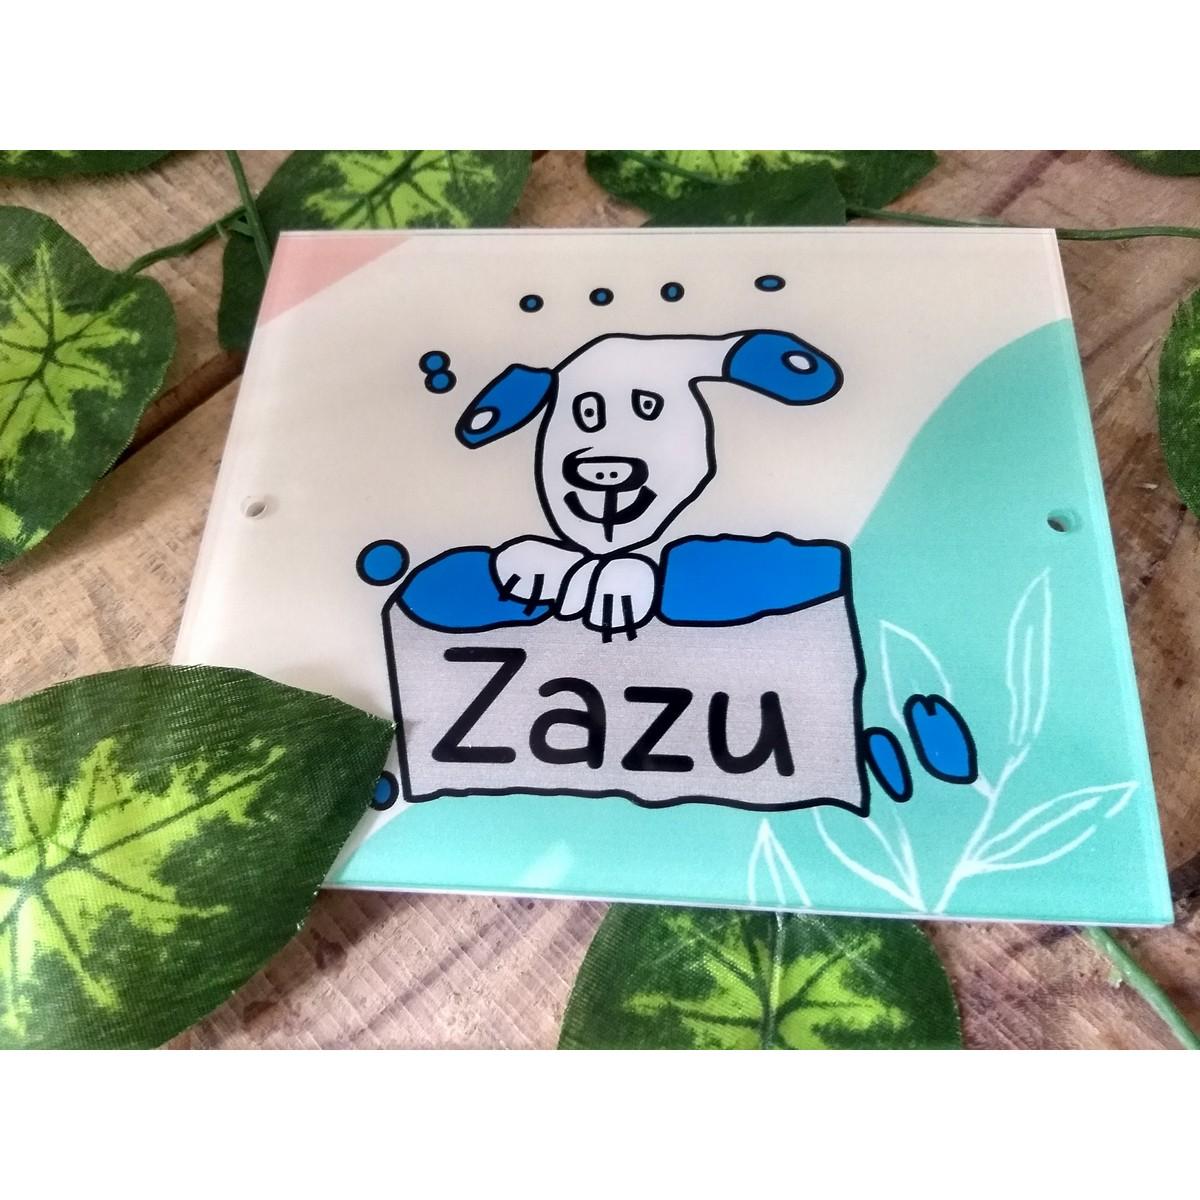 Dog Name Plate  UV Printed  Double Protection  Dog Name Plate 3